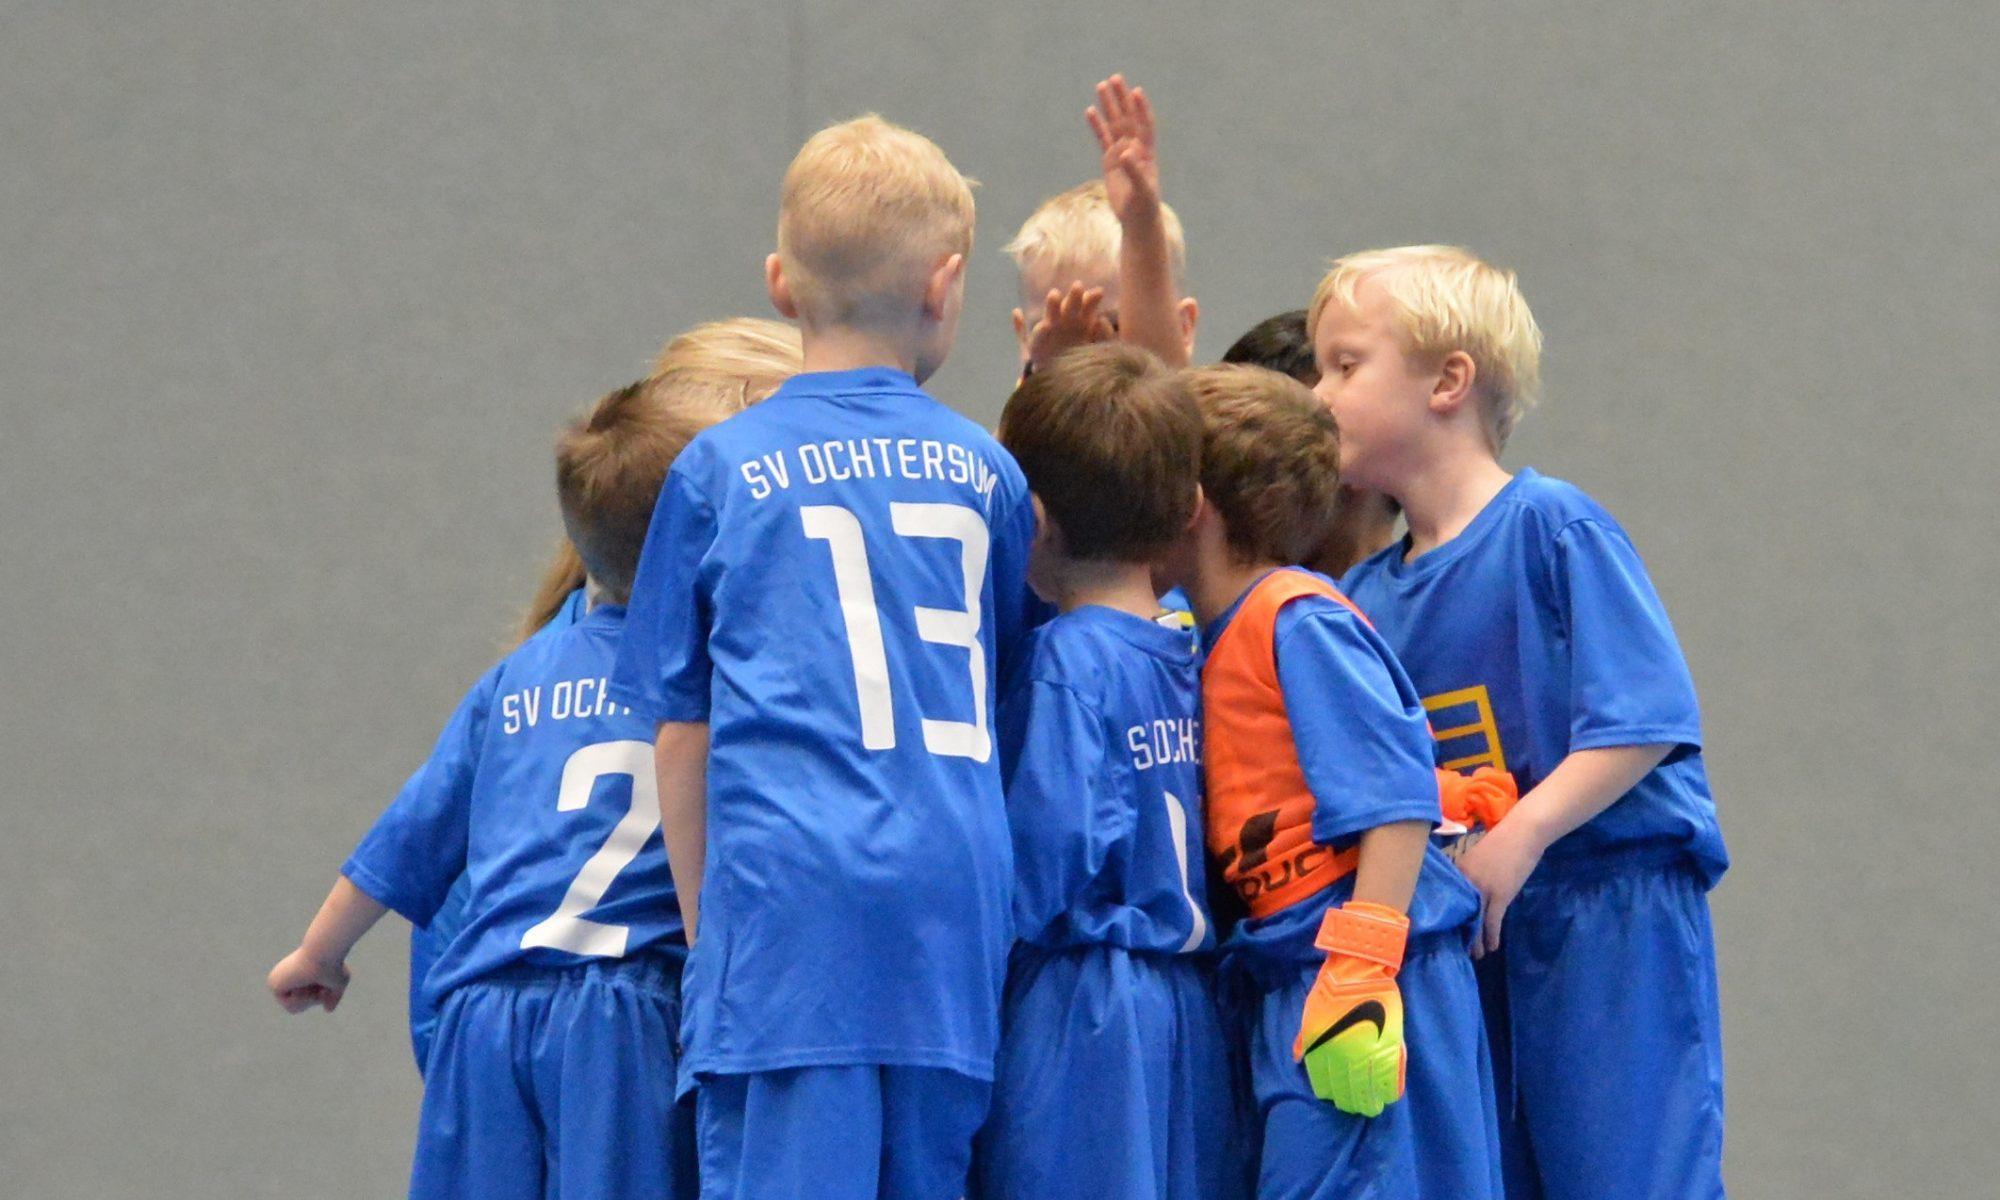 Sportverein Ochtersum